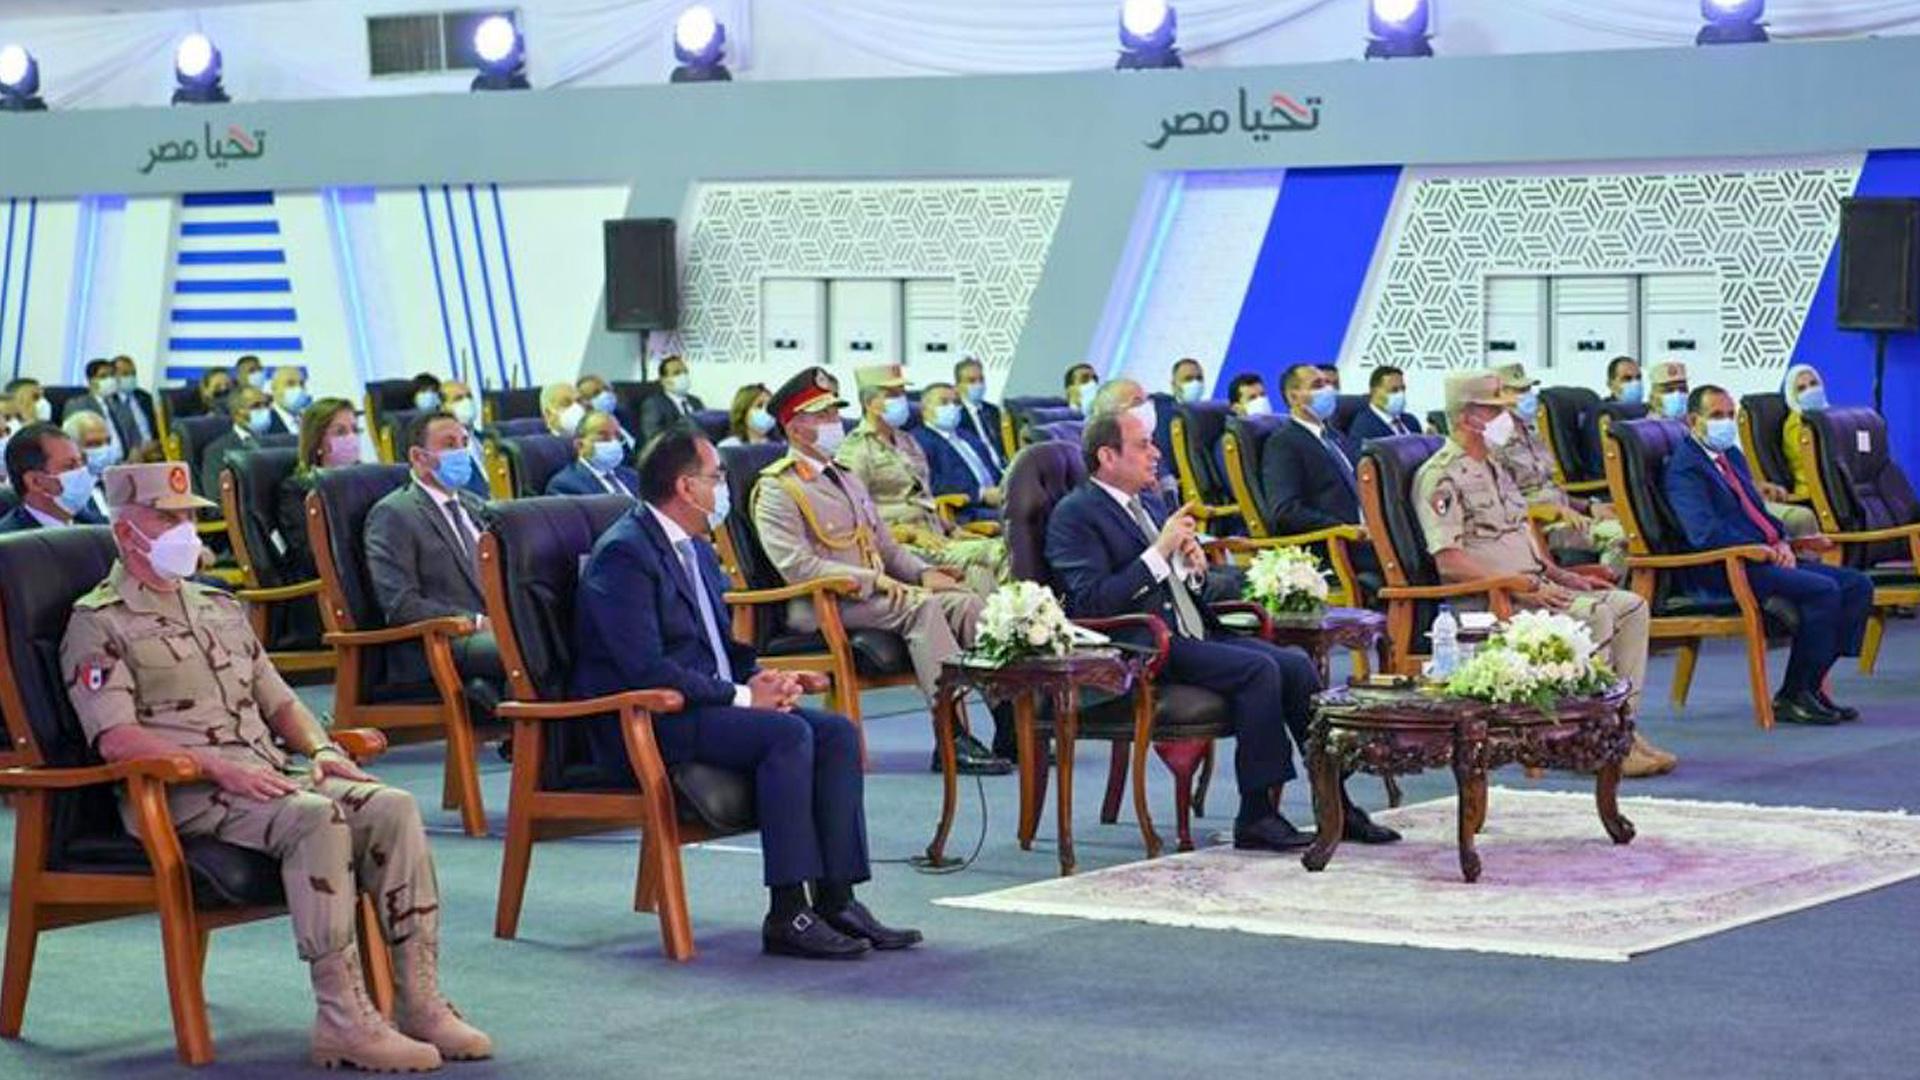 الرئيس السيسي El-Sisi  يفتتح تحت شعار الأحلام تتحقق مجموعة مشروعات إسكان بديل المناطق غير الآمنة بمنطقة 6 أكتوبر